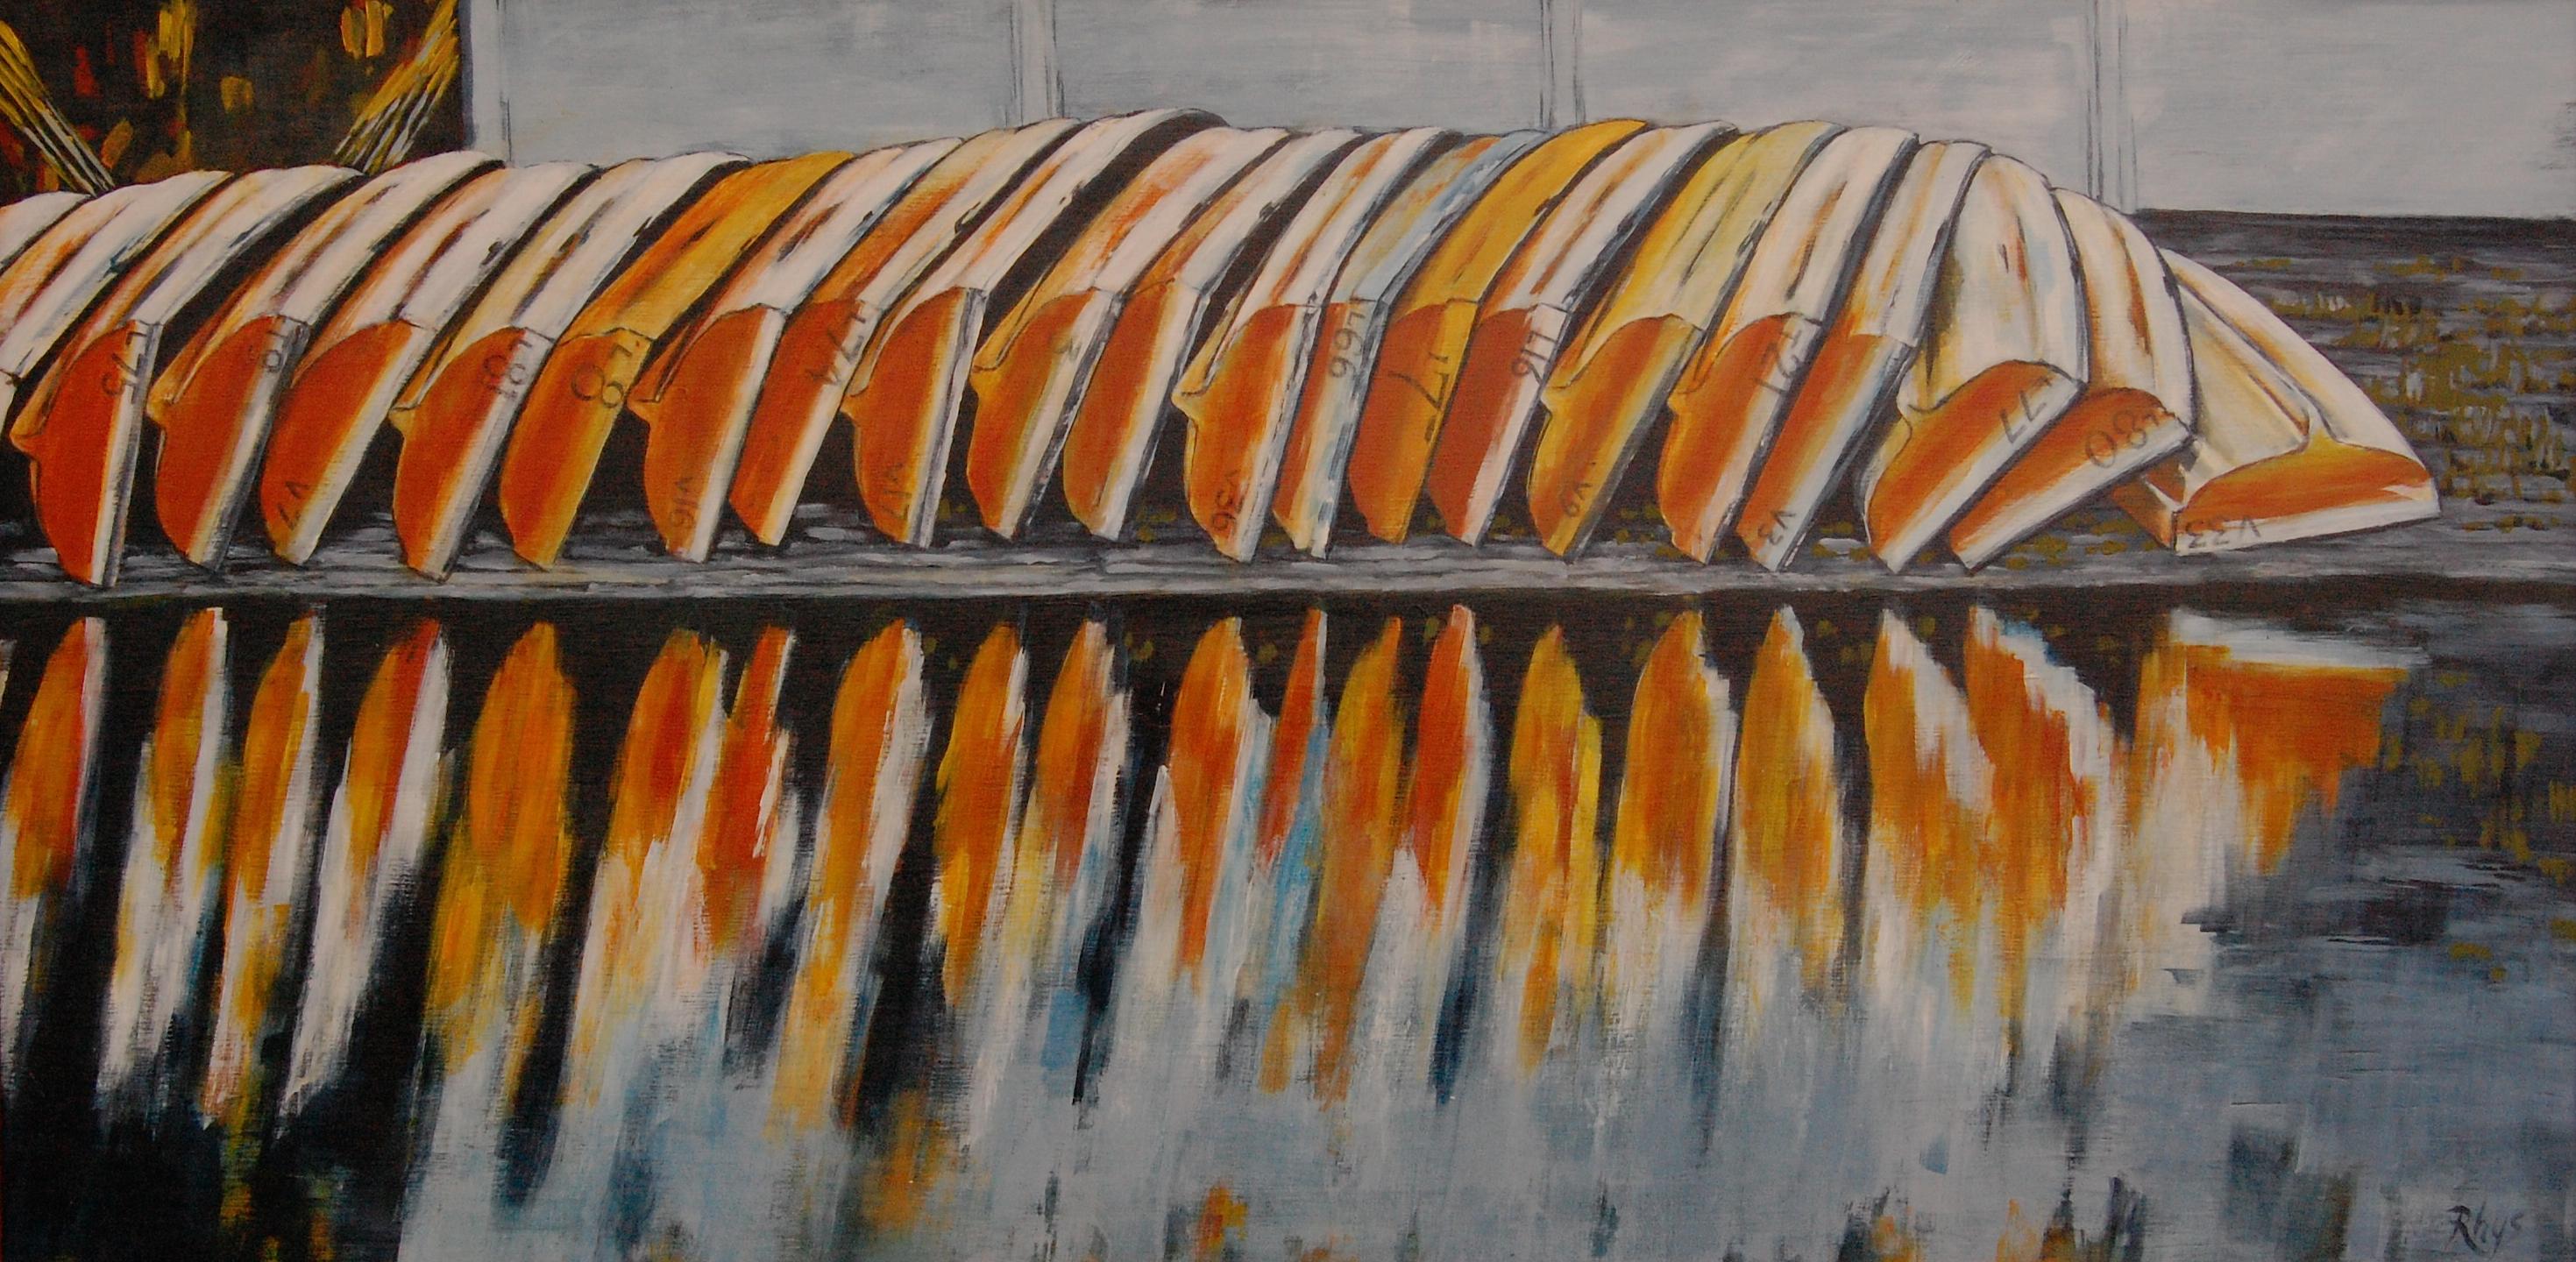 Audley boatshed